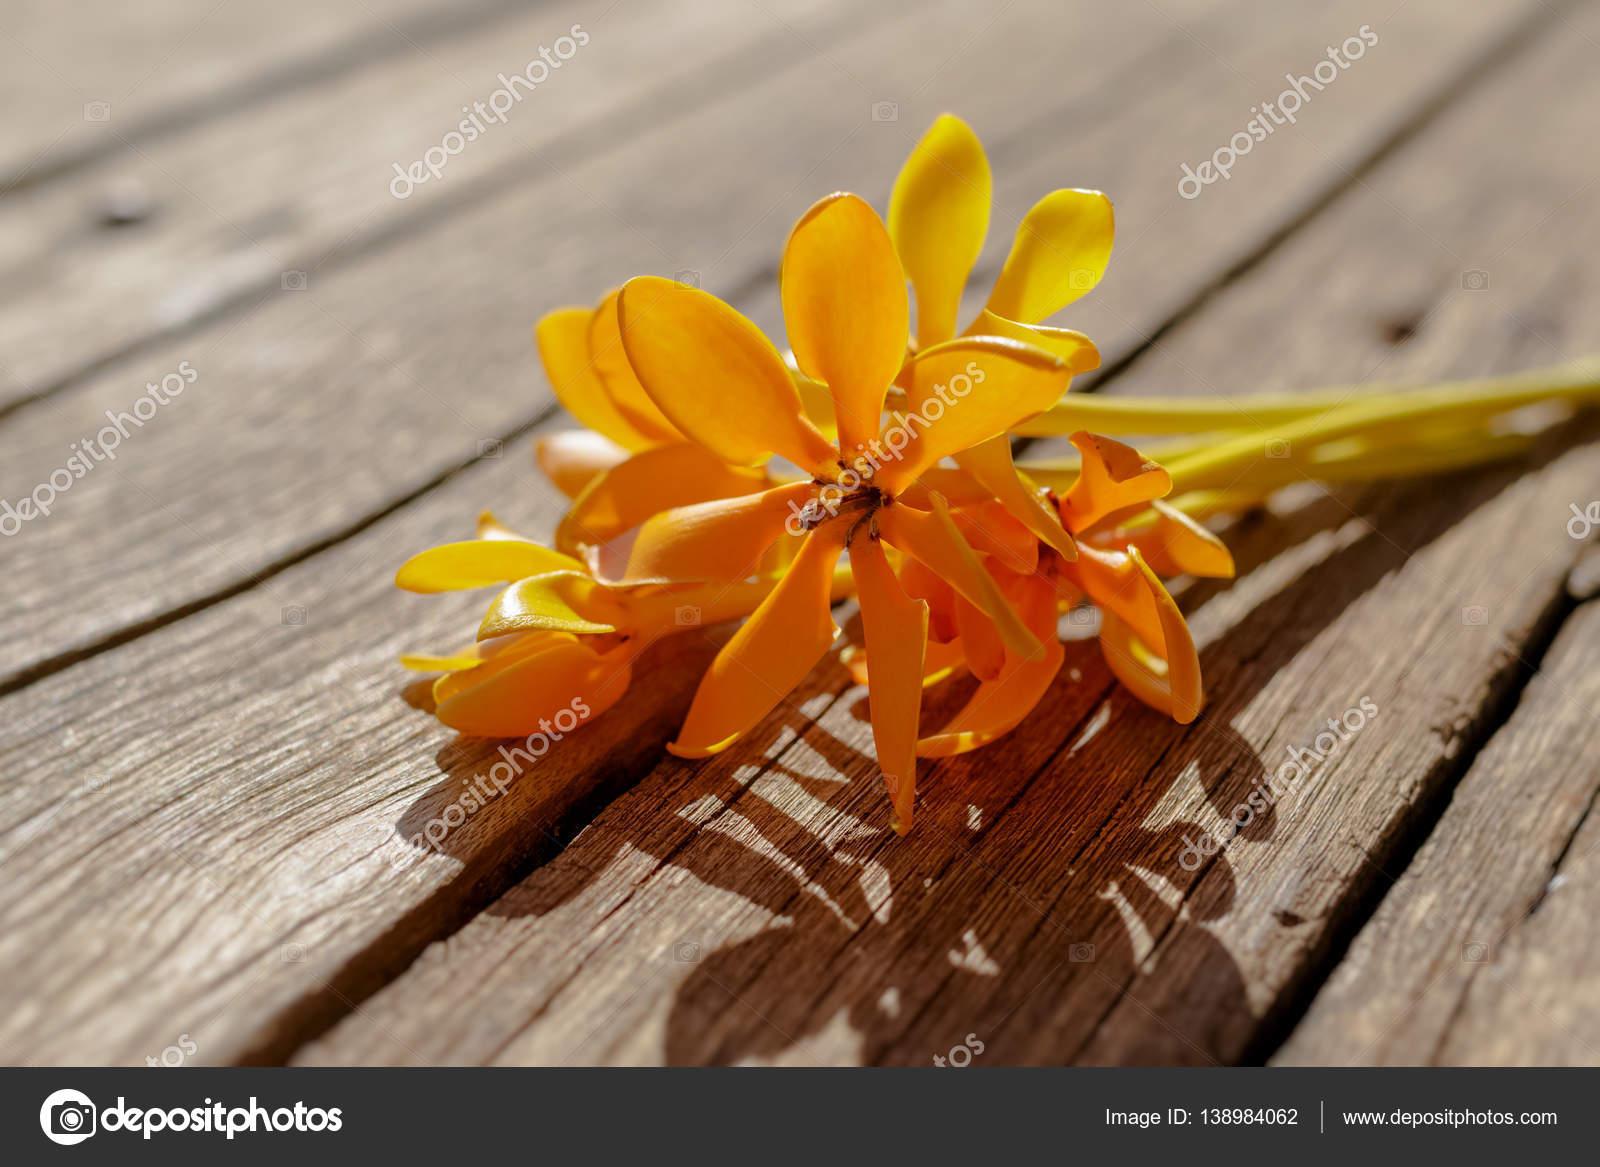 Yellow Gardenia Flower Gardenia Carinata Wallich On Wooden Des